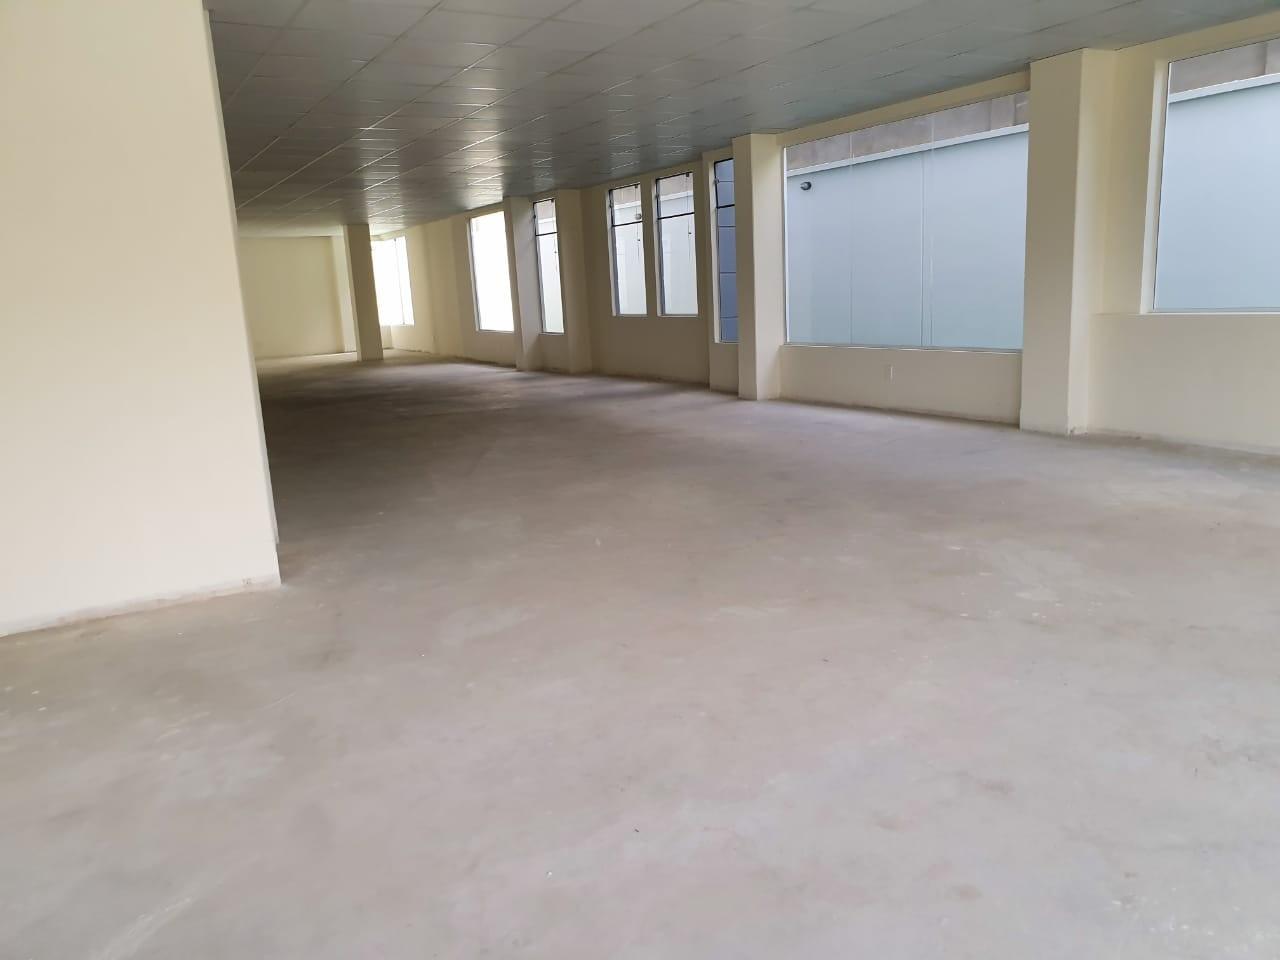 Oficina en Venta Av. Costanera, entre calles 25 y 26 Foto 7